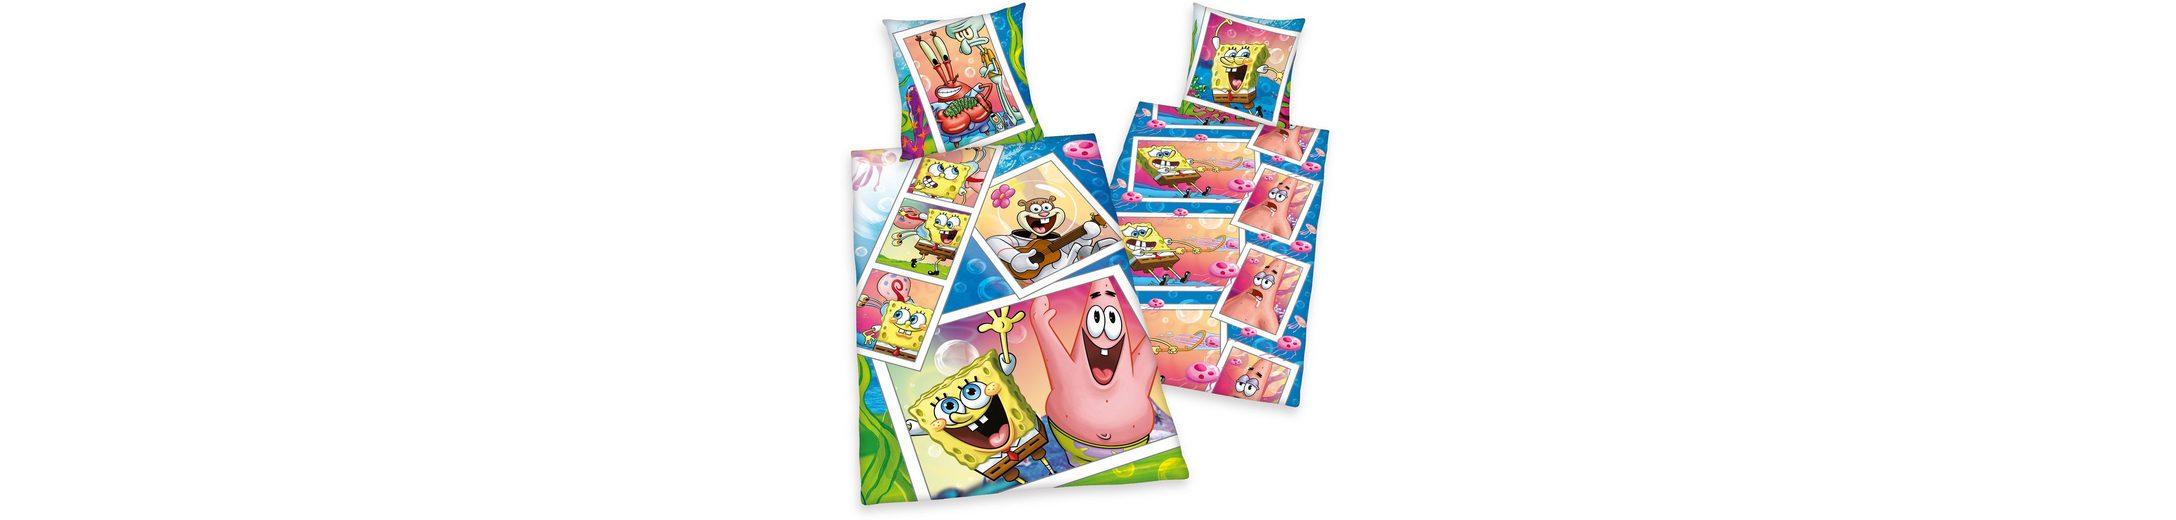 Bettwäsche, Spongebob, mit Spongebob und Patrick